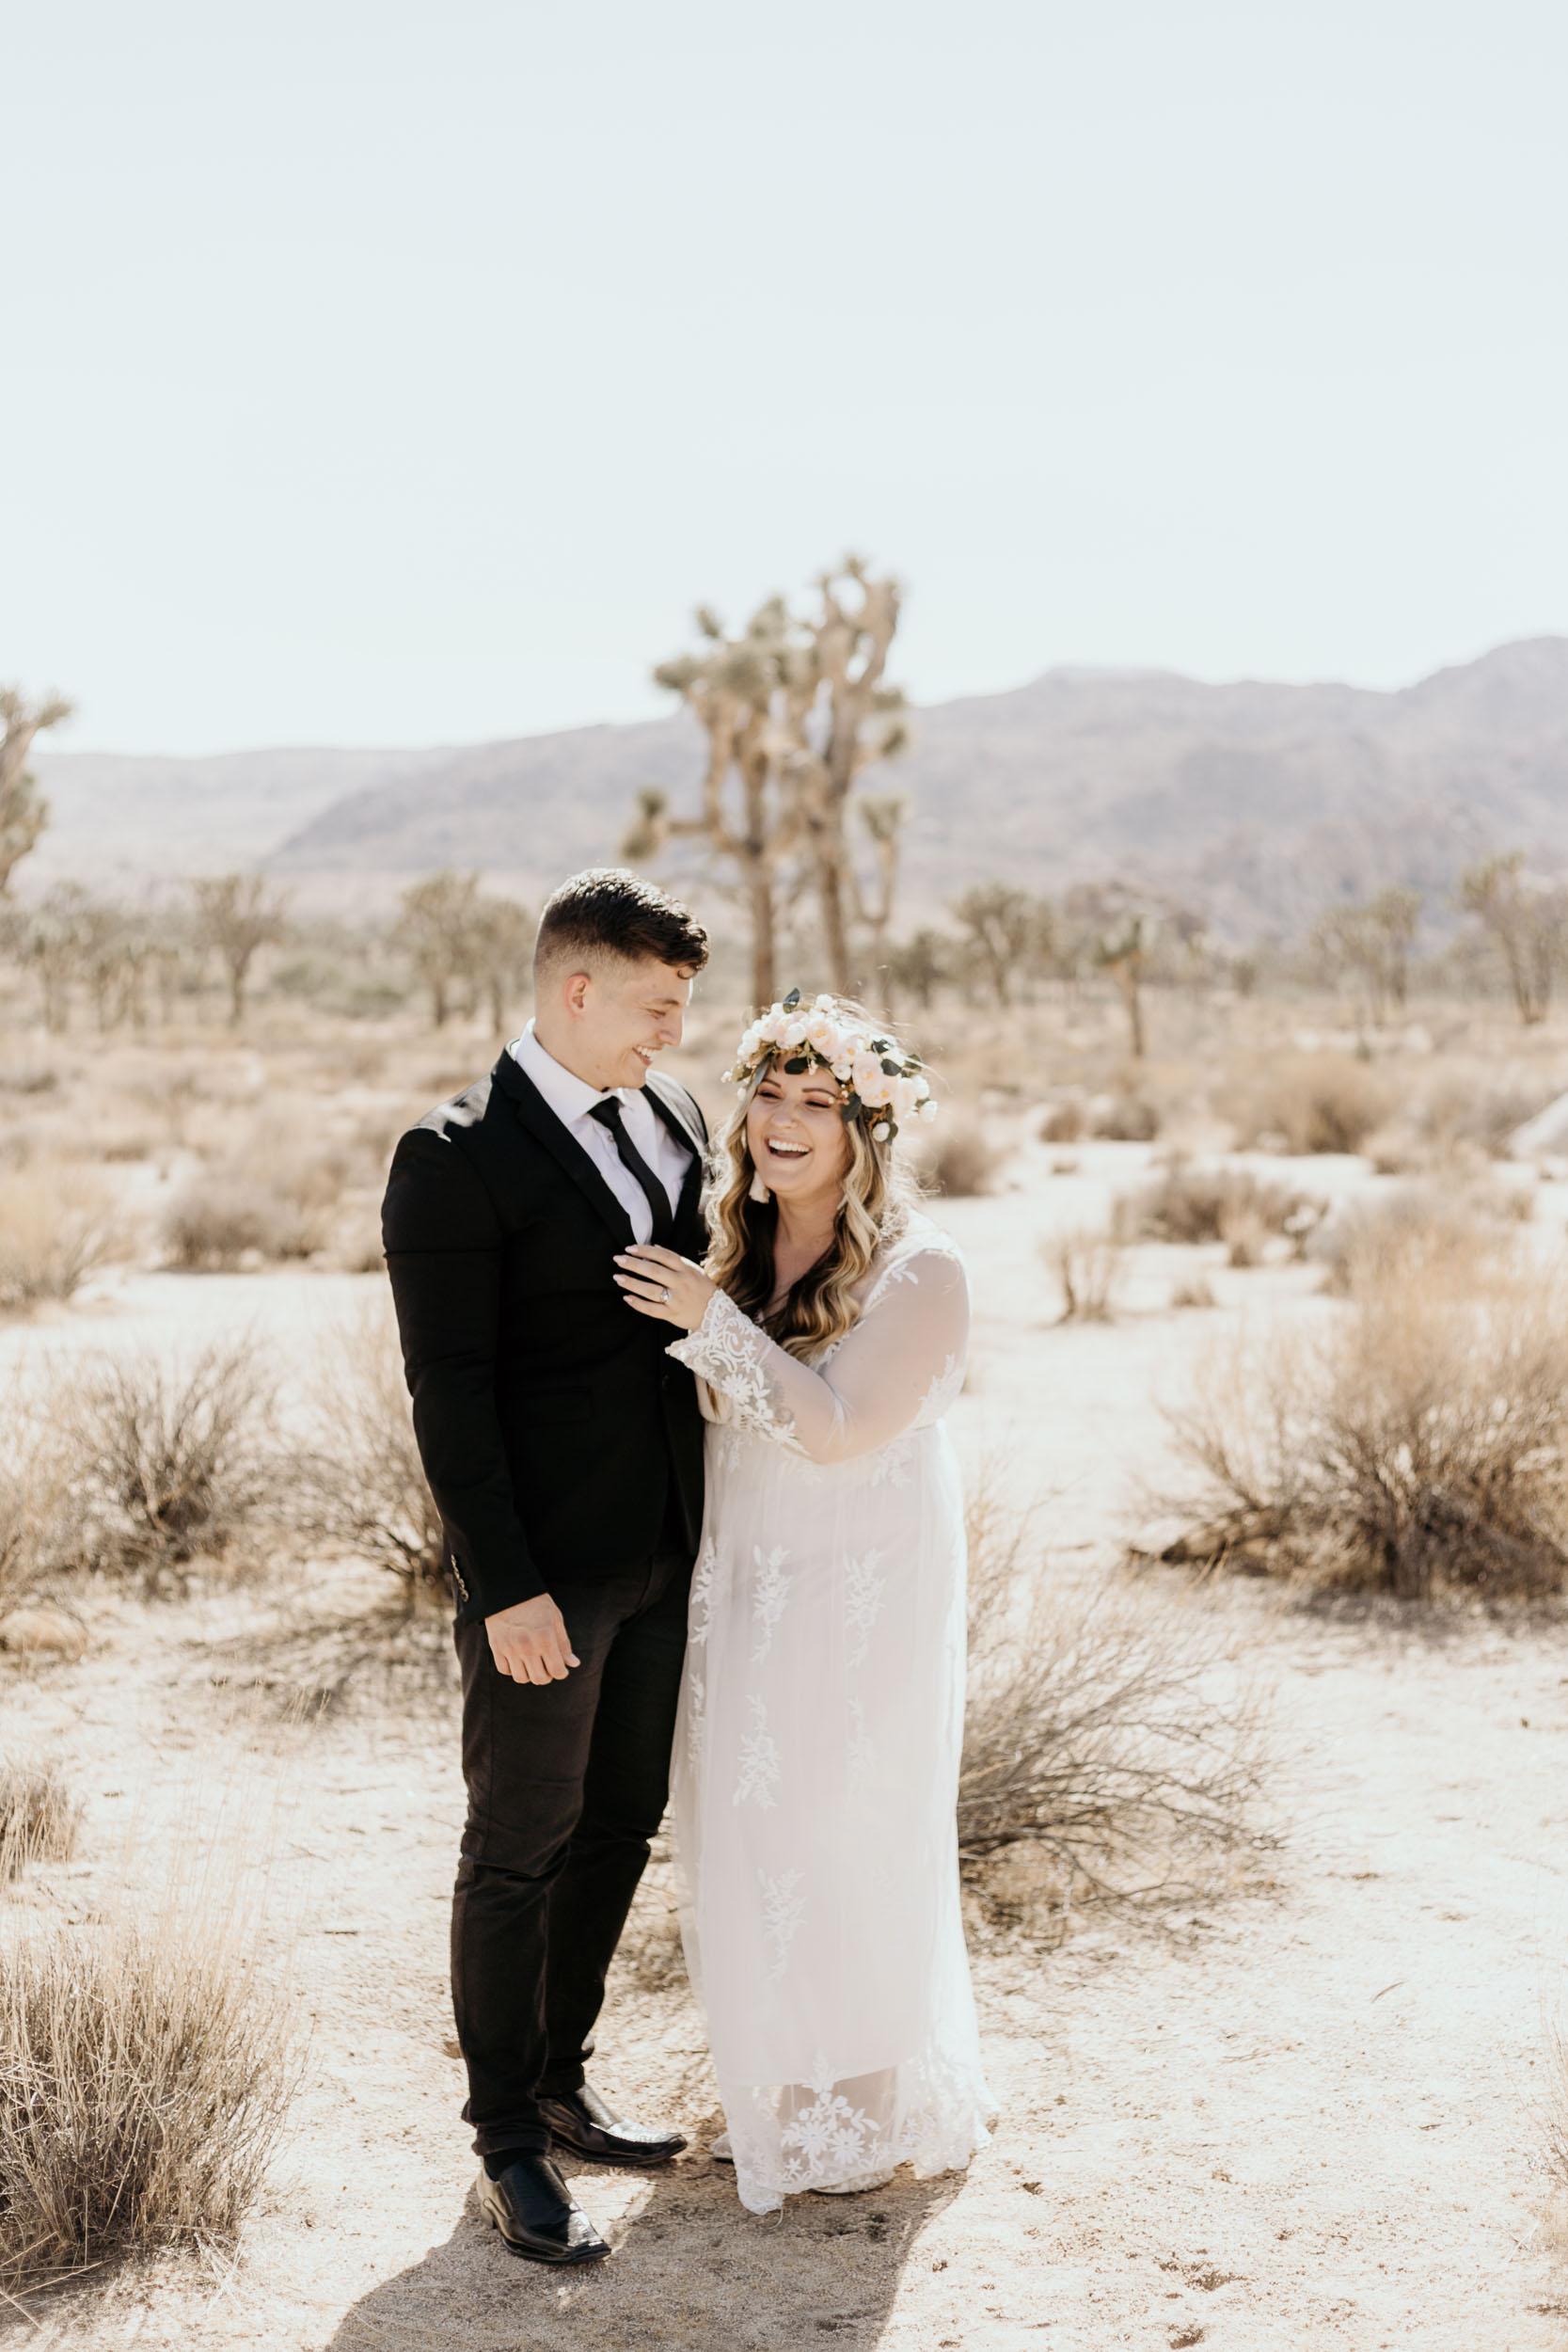 intimate-wedding-elopement-photographer-ottawa-joshua-tree-0314.jpg